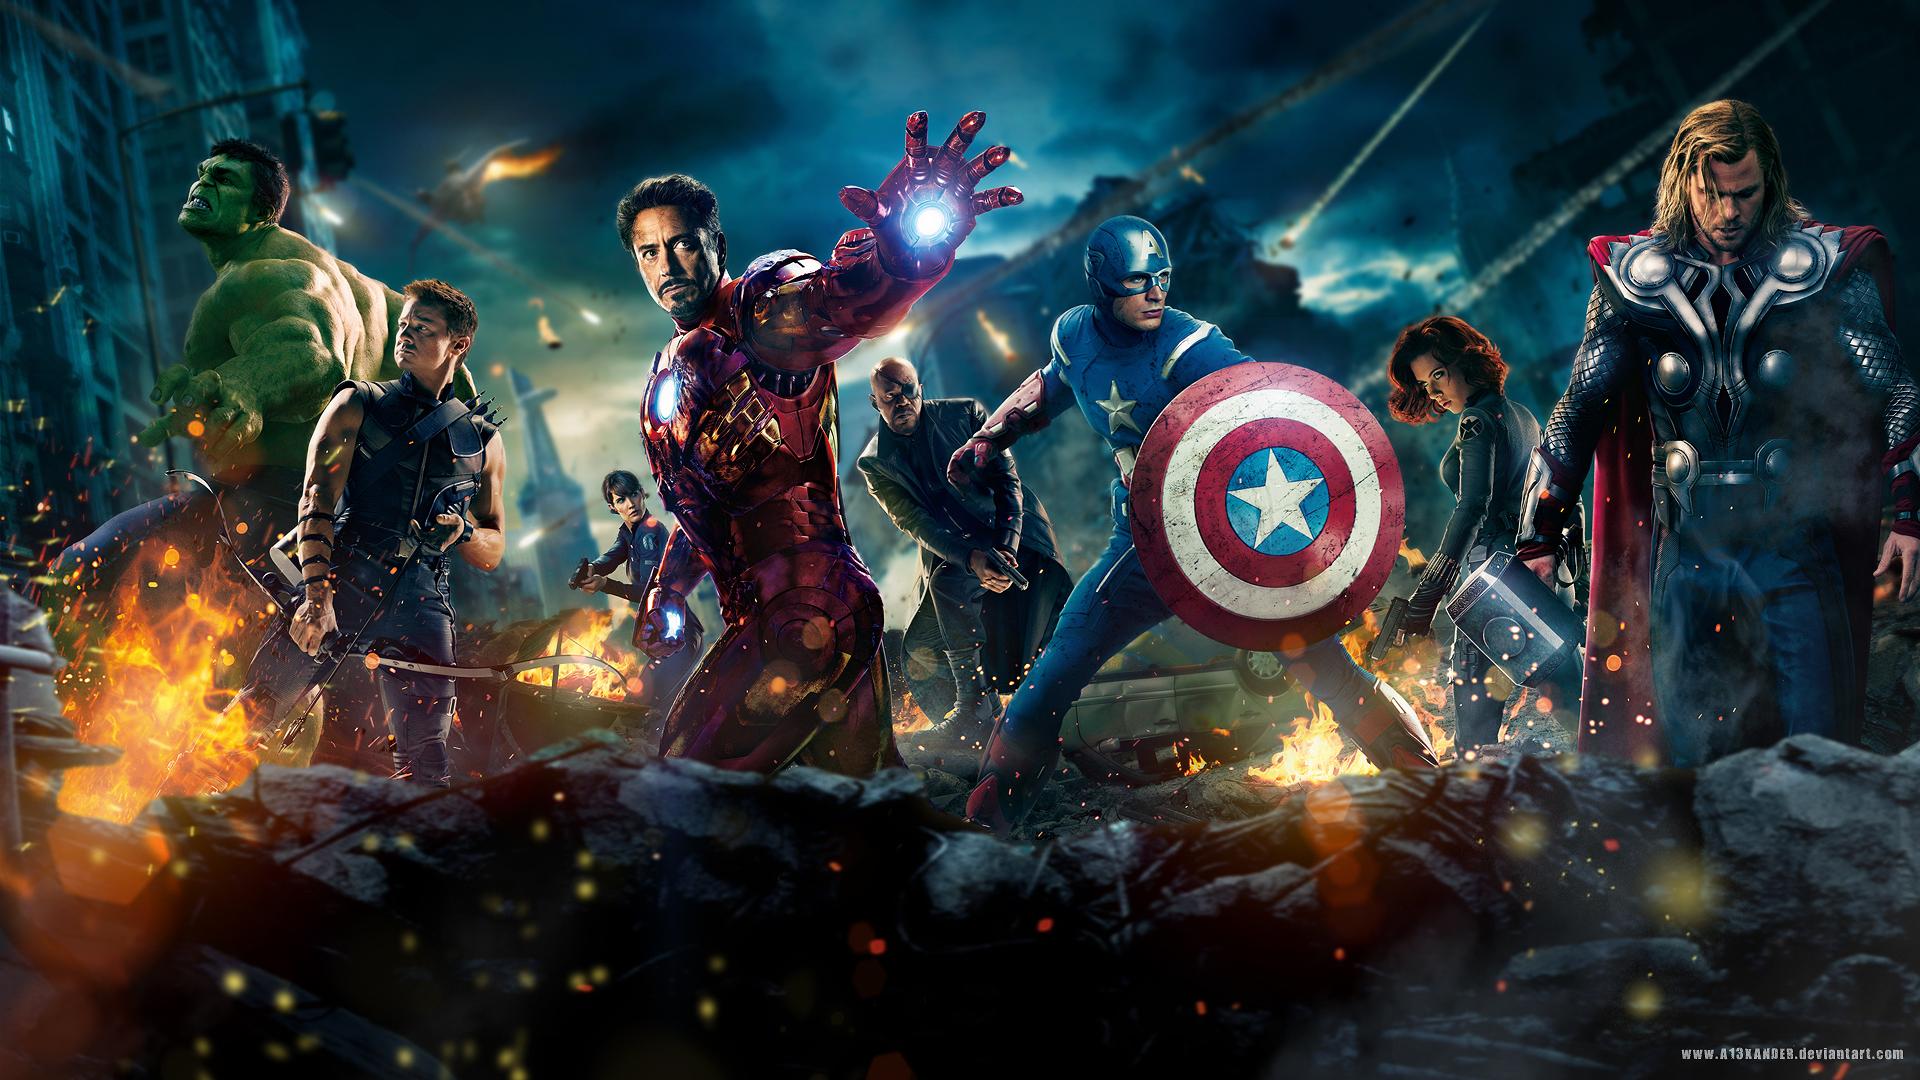 Avengers-wallpaper-wpc9002441